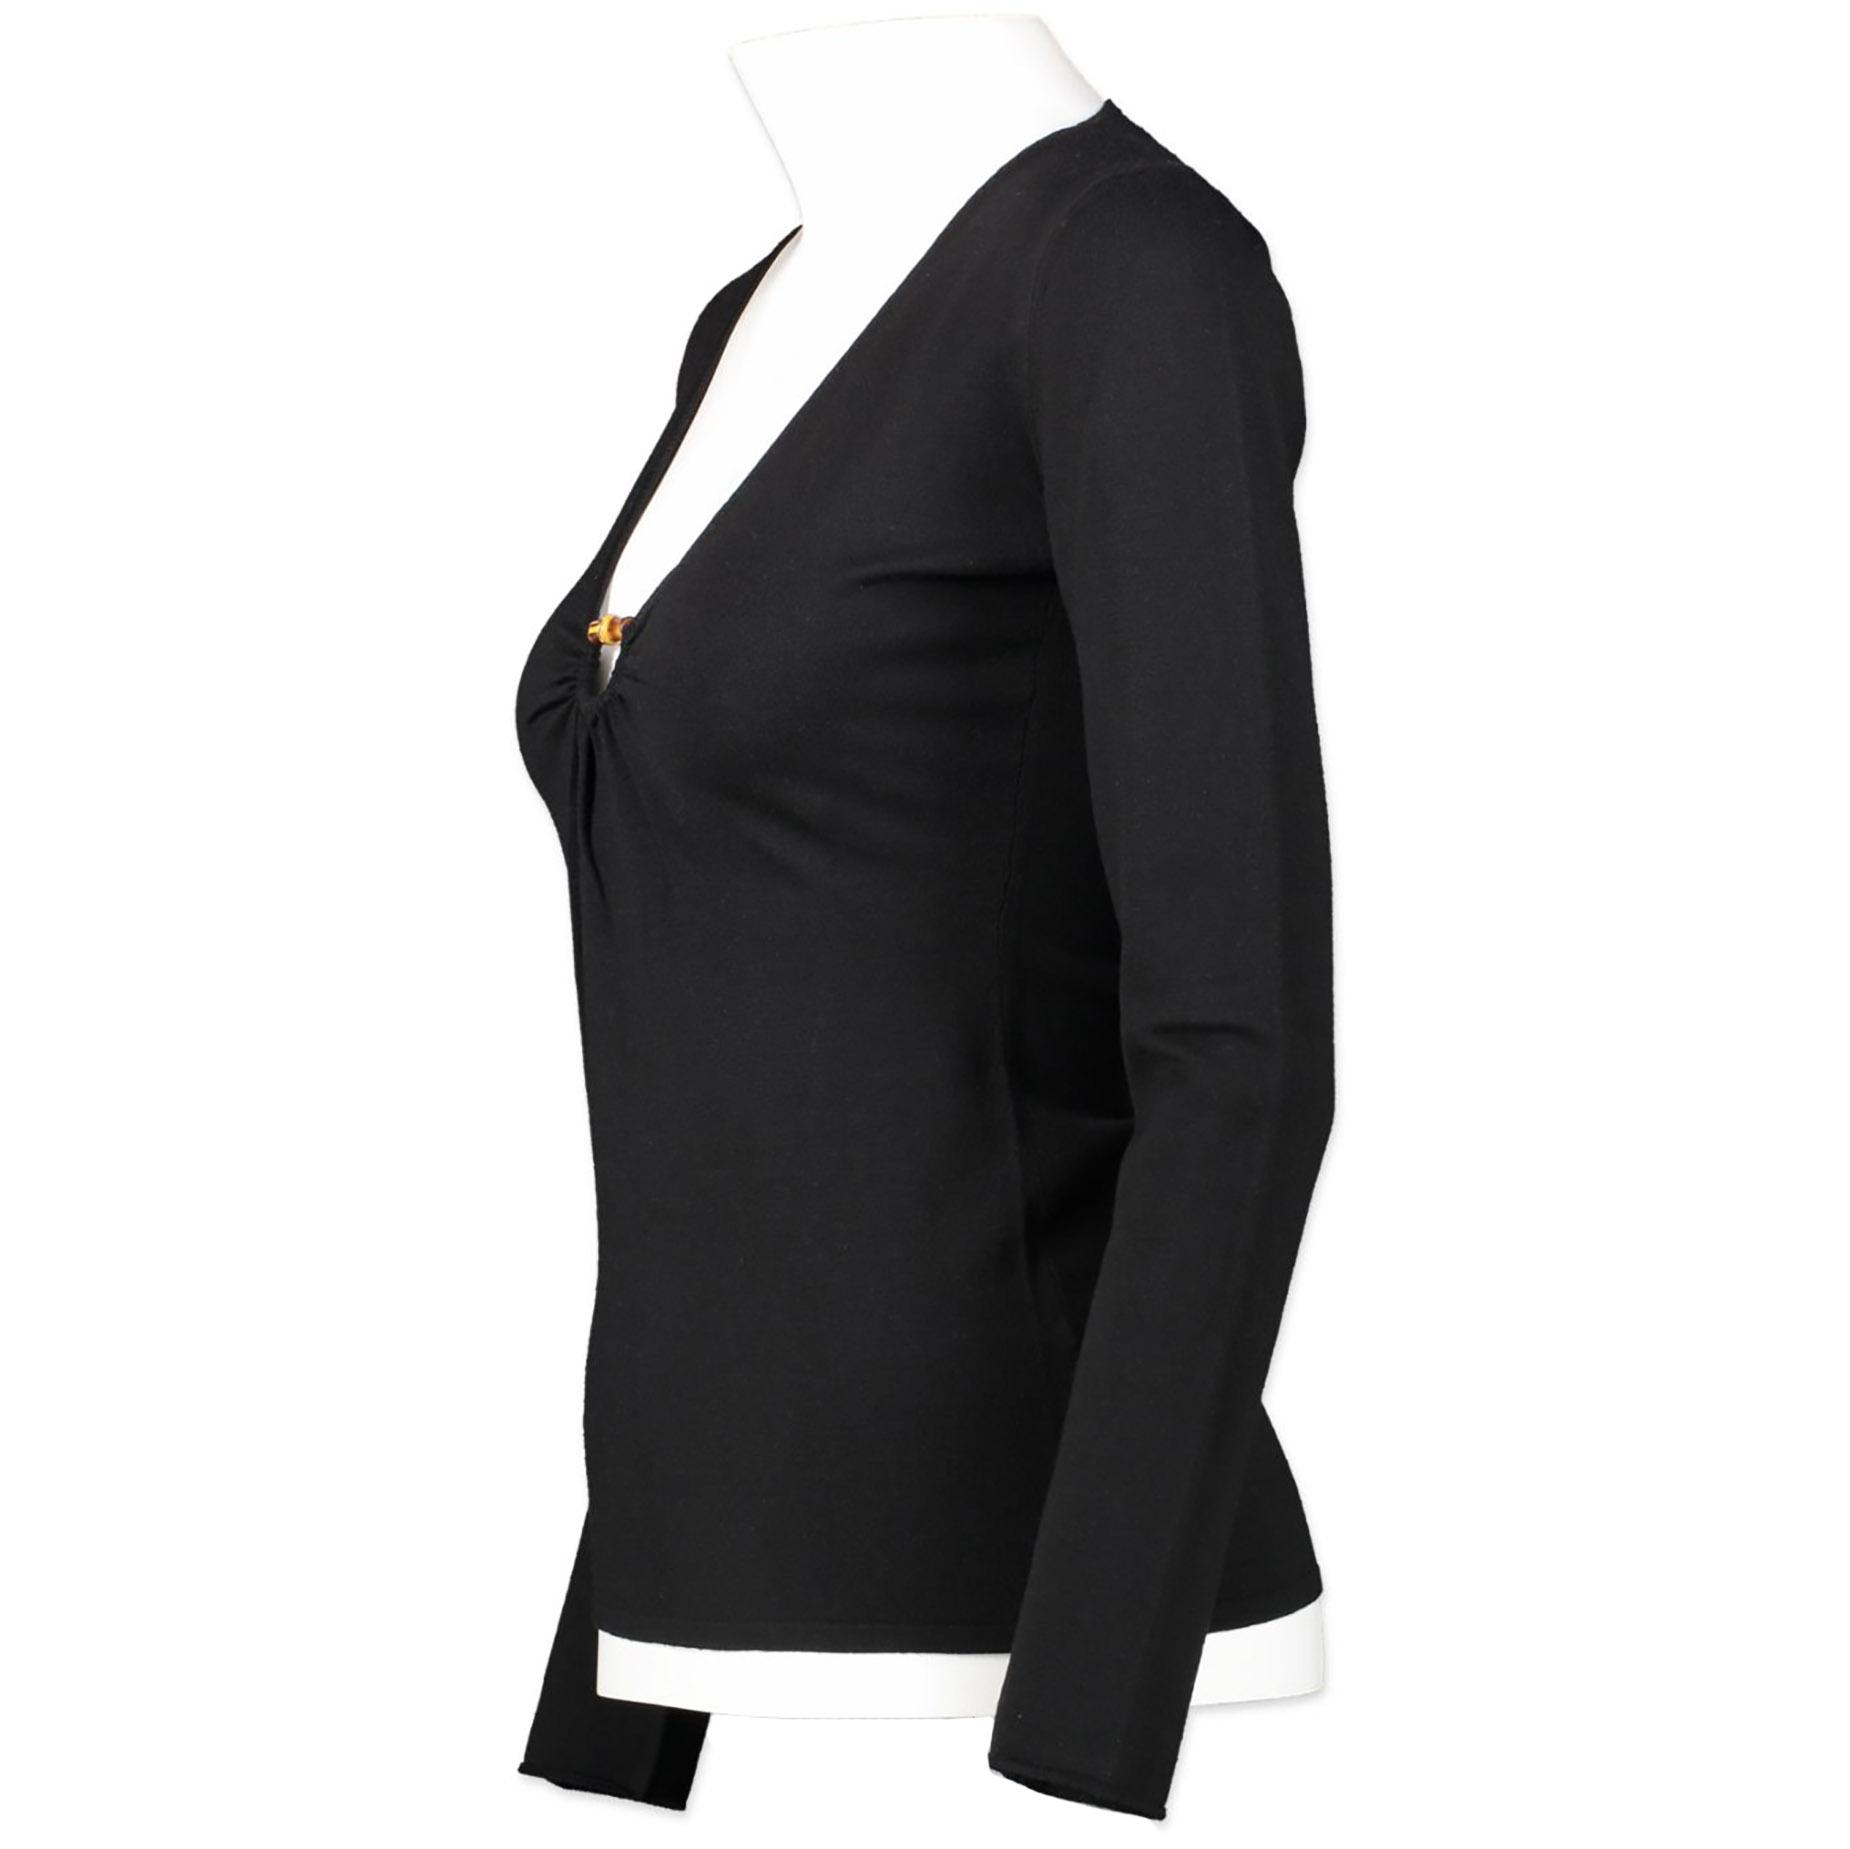 Authentieke Tweedehands Gucci Black Bamboo Top juiste prijs veilig online winkelen luxe merken webshop Antwerpen België winkelen mode fashion